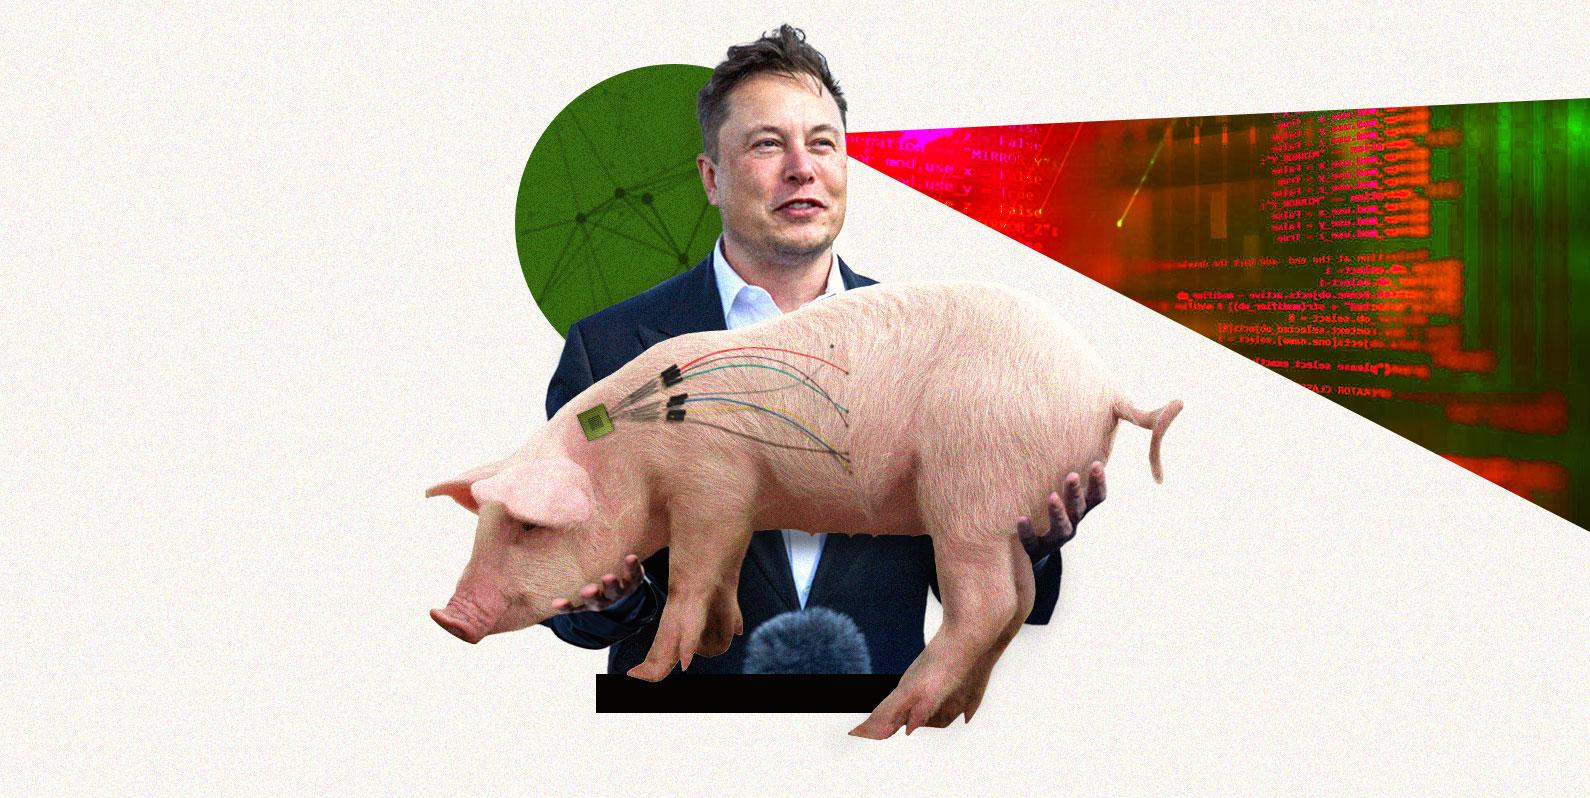 Os chips cerebrais de Elon Musk são a nova era da biotecnologia?